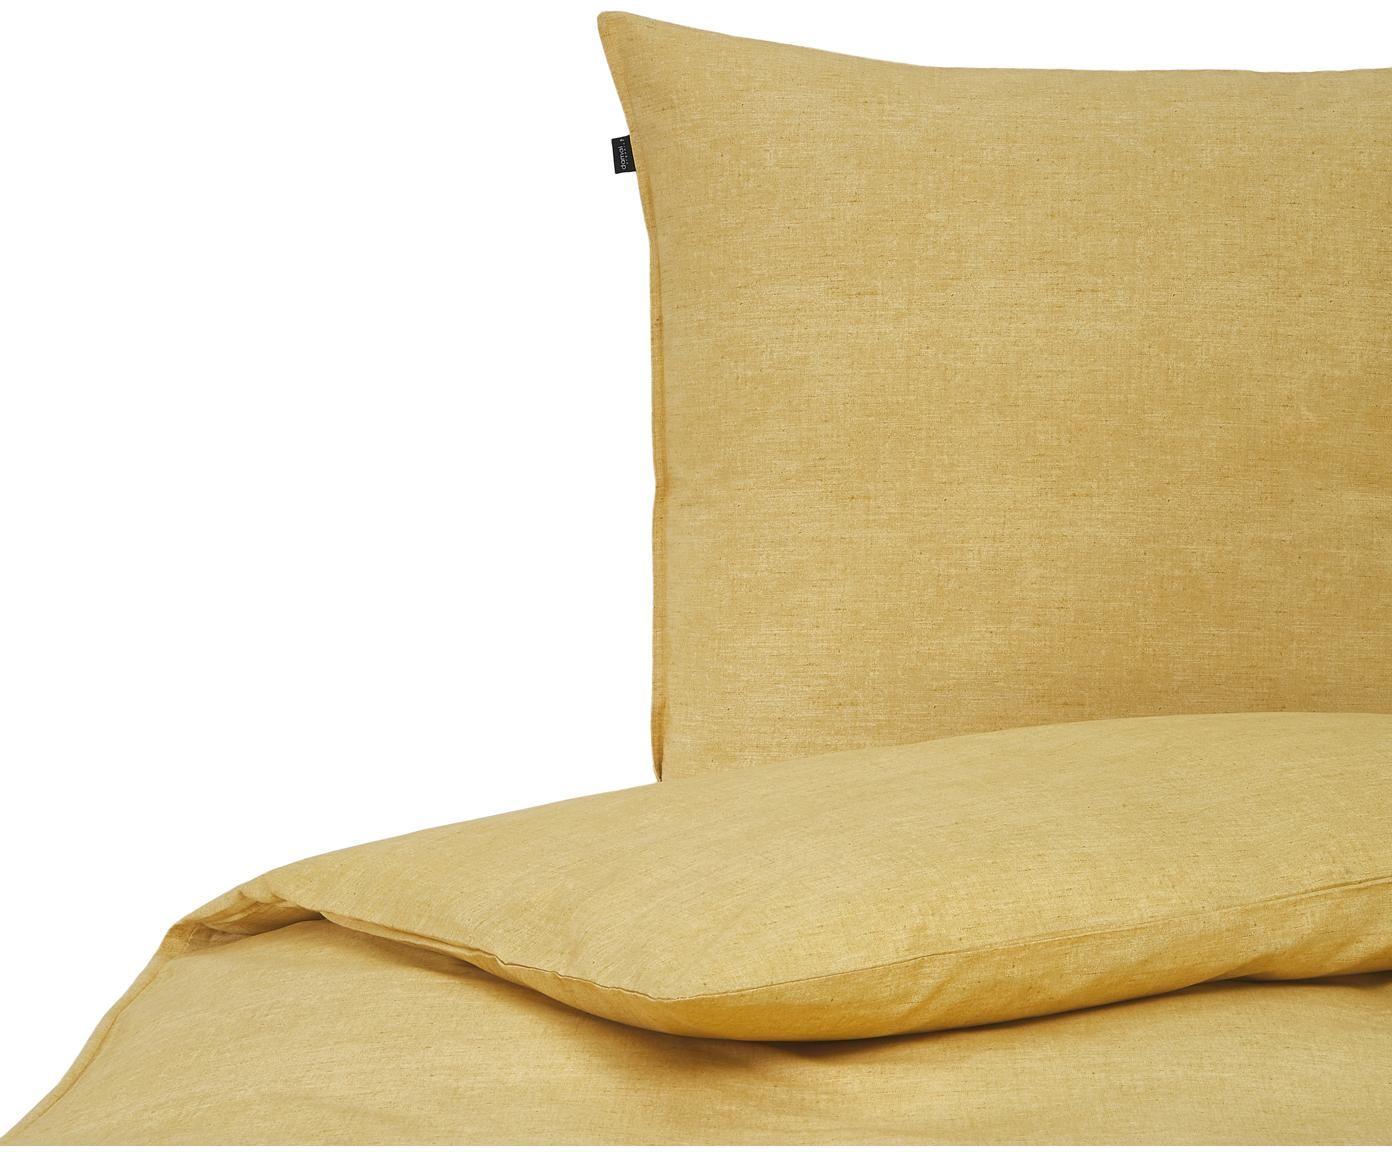 Pościel z bawełny organicznej Raja, Bawełna, Brunatnożółty, 135 x 200 cm